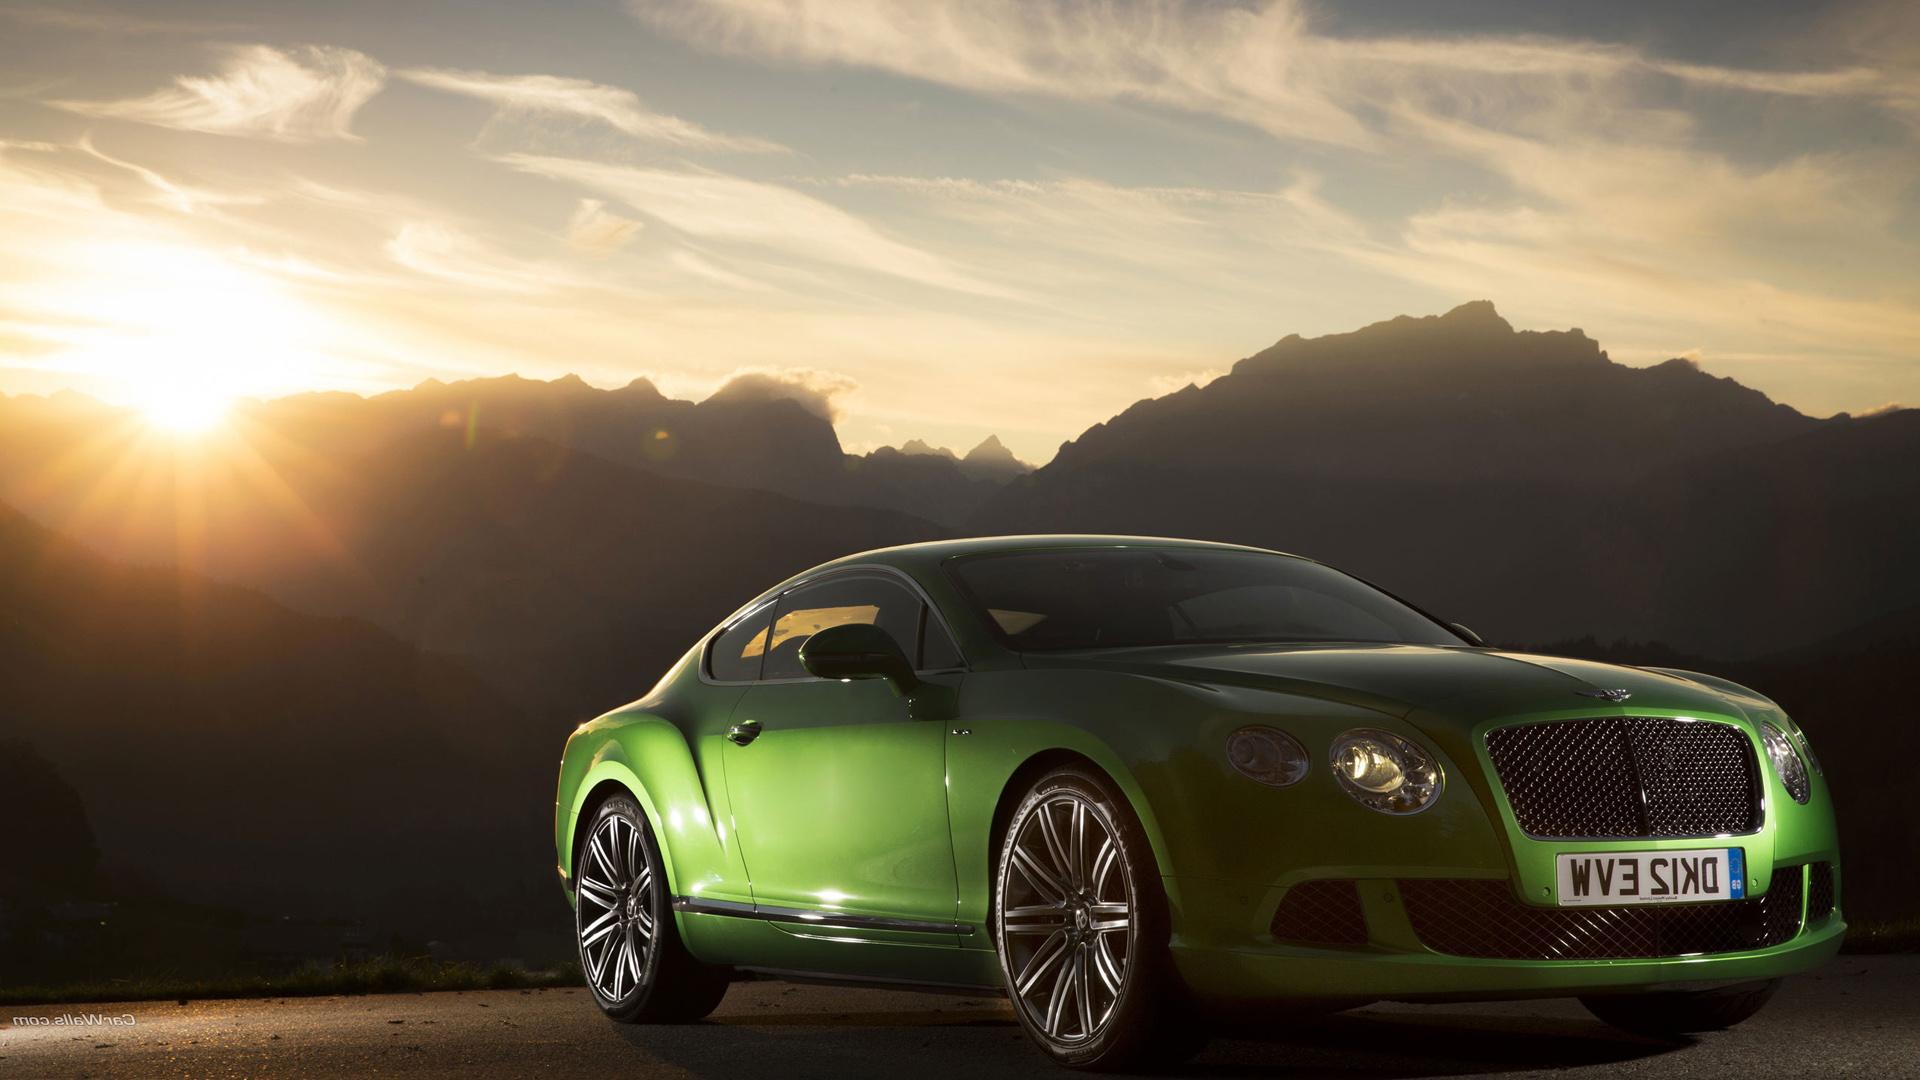 2013 Bentley Continental Gt Speed 2 Wallpaper Hd Car